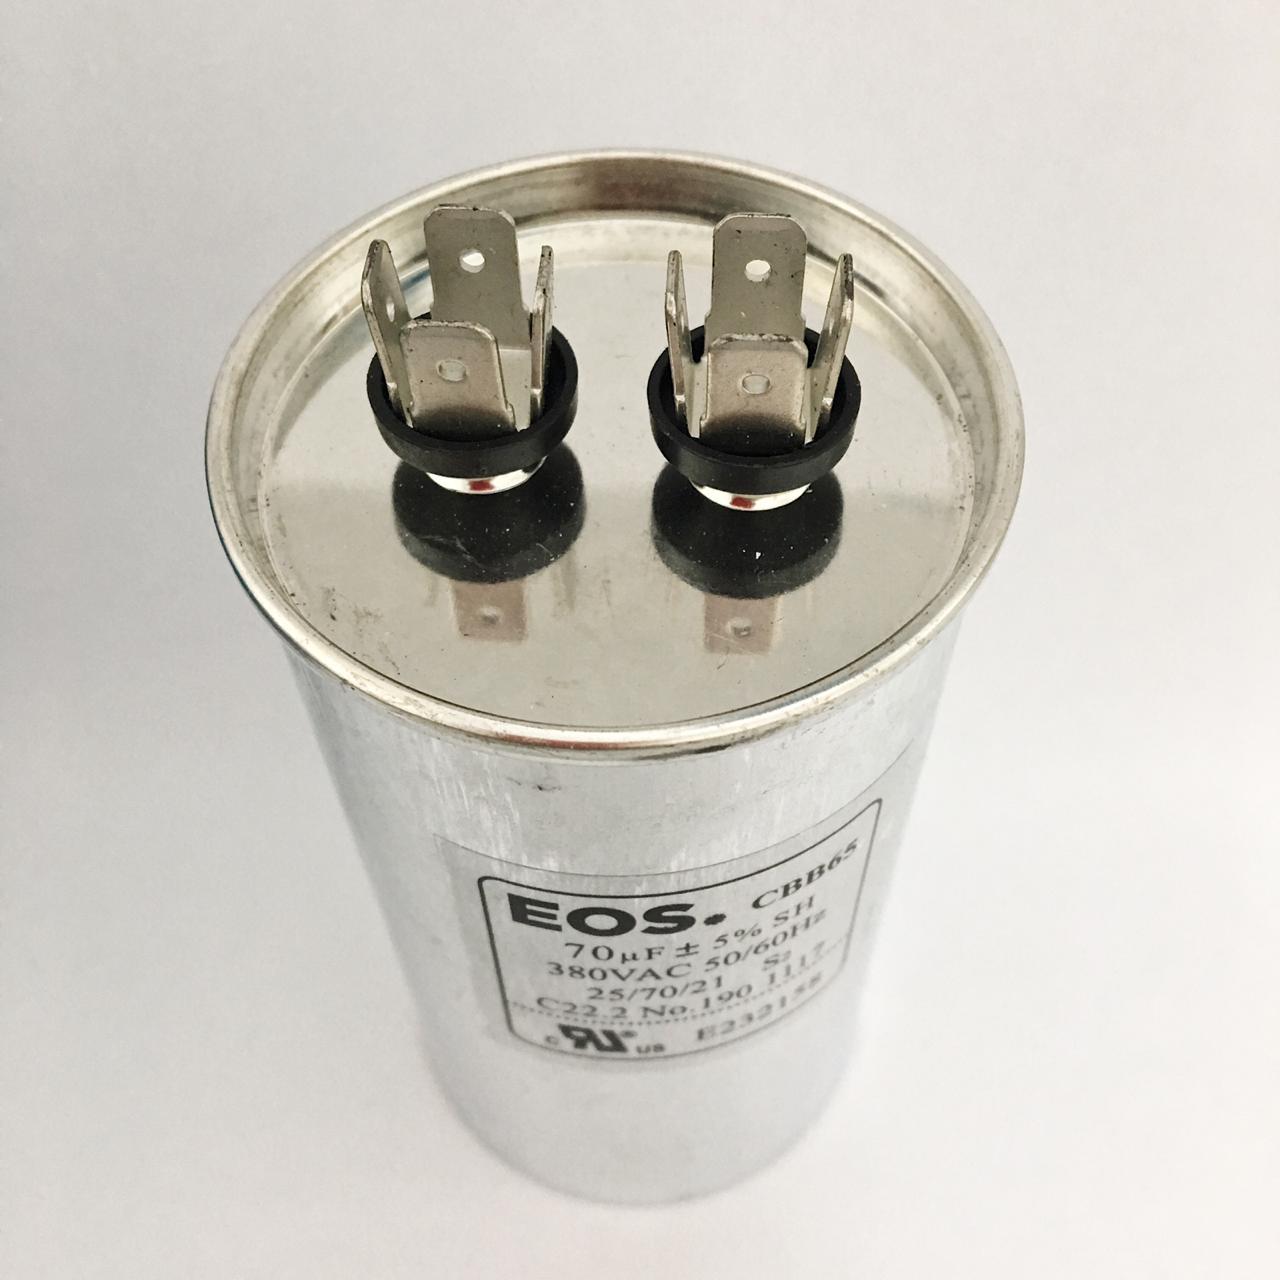 Capacitor 70 MFD 380V 50/60HZ